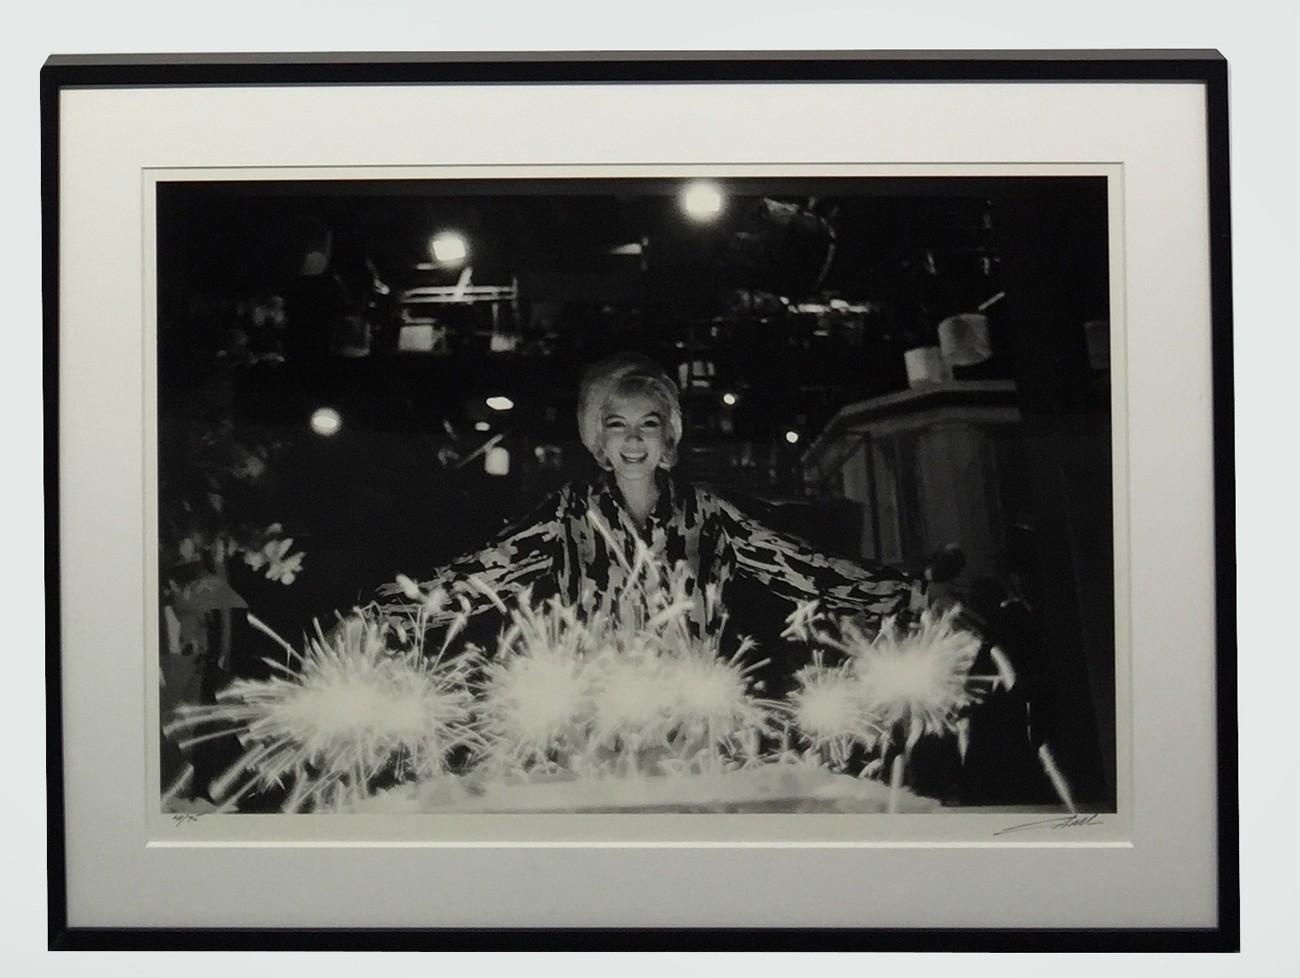 Buy Lawrence Schiller Marilyn Monroe Birthday Cake